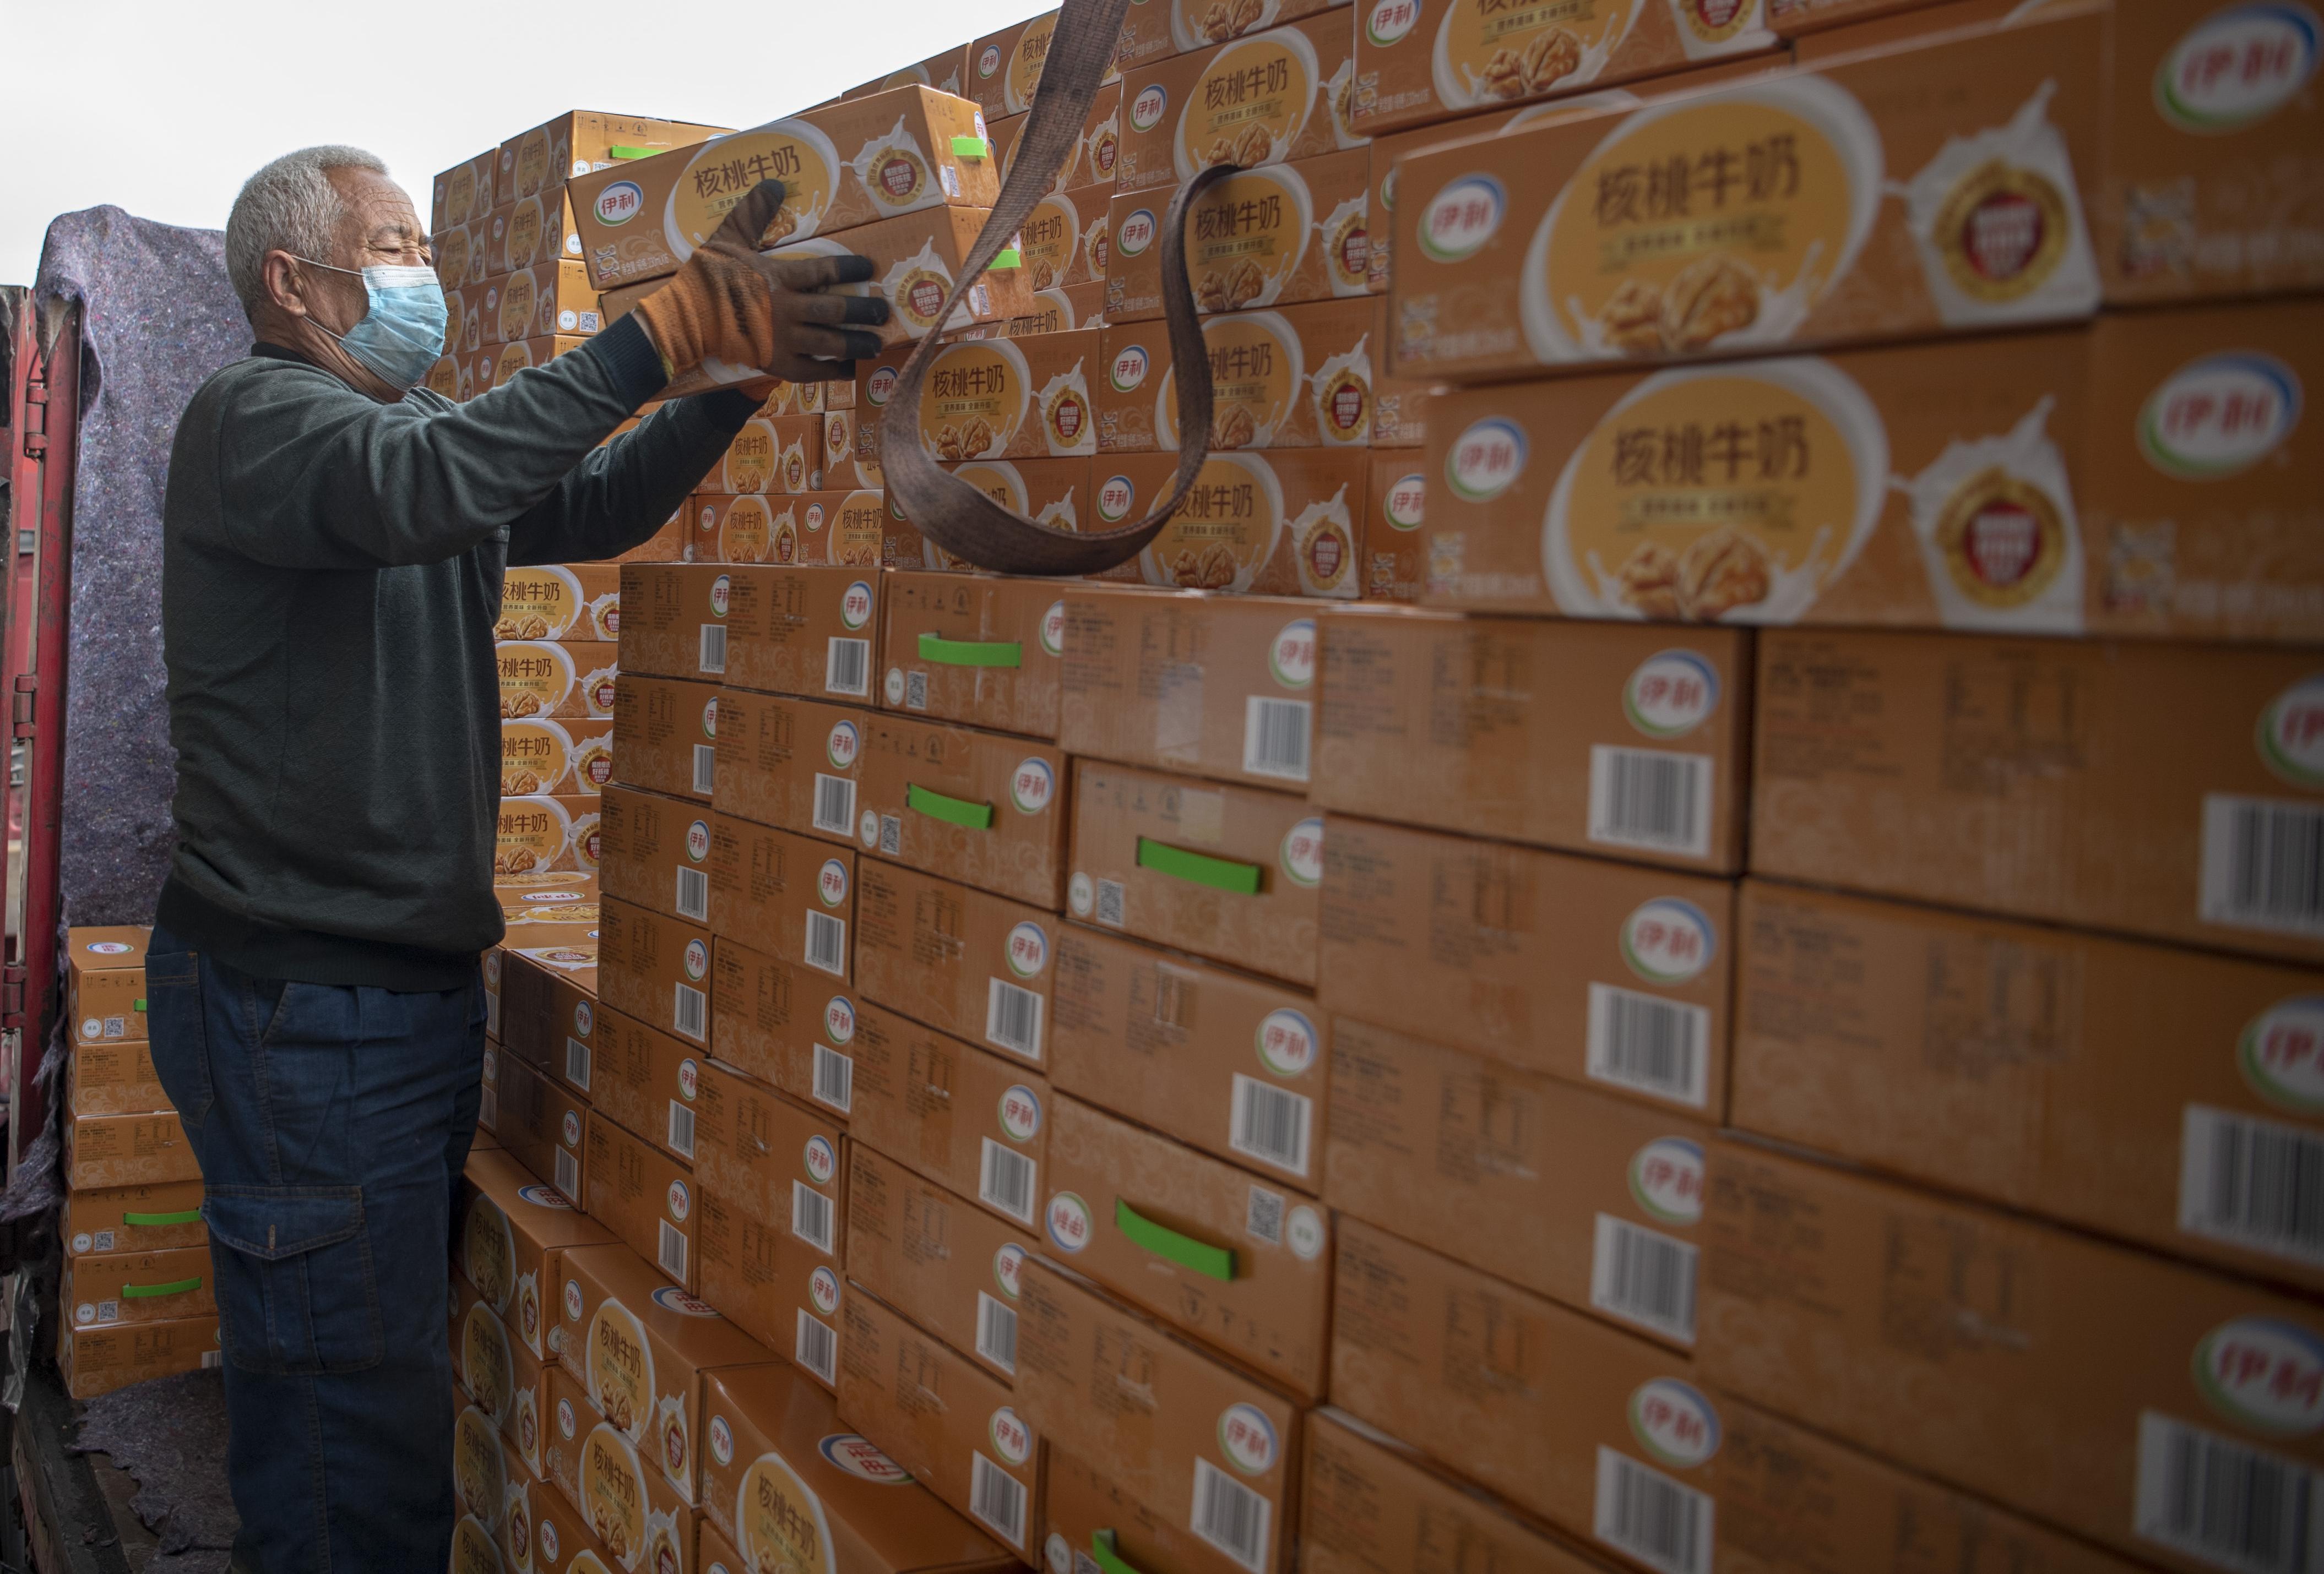 新华社照片,太原,2020年3月12日 3月12日,在山西中鲁物流园区,工作人员在搬运货物。 新华社记者 杨晨光 摄